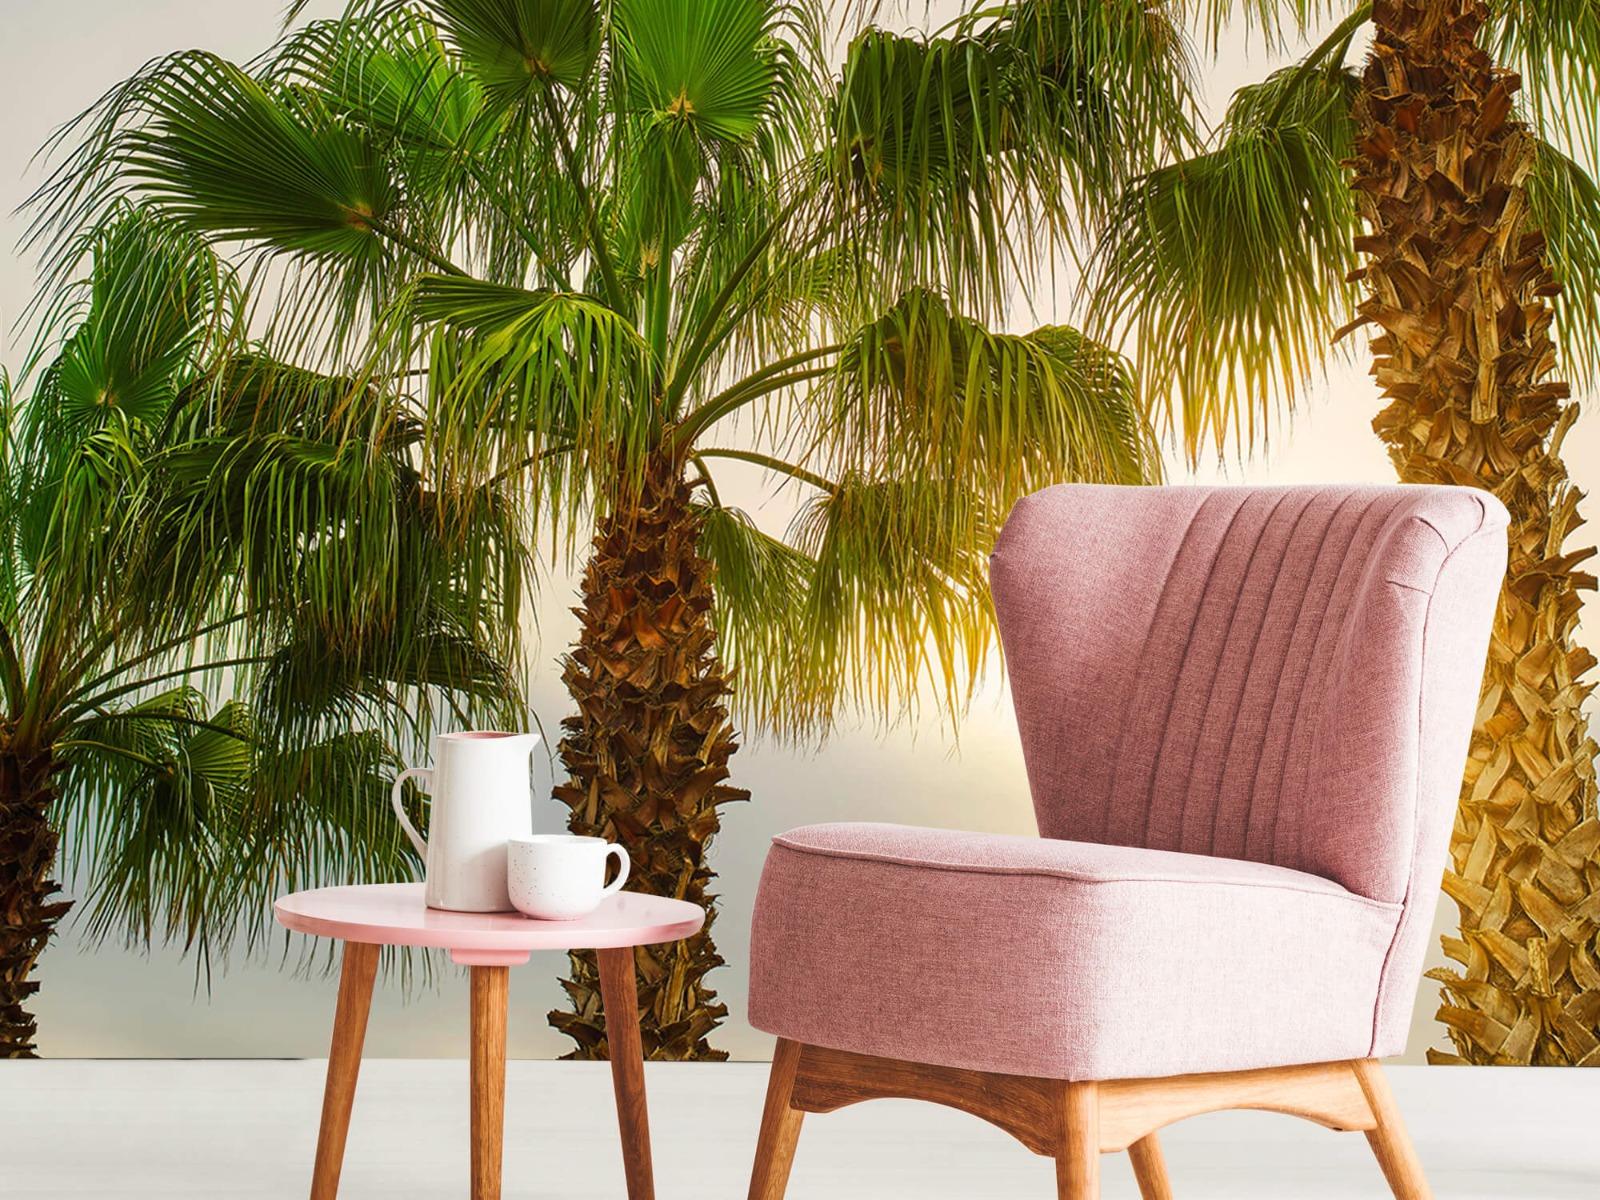 Palmbomen - Palmbomen met zon - Gang 9